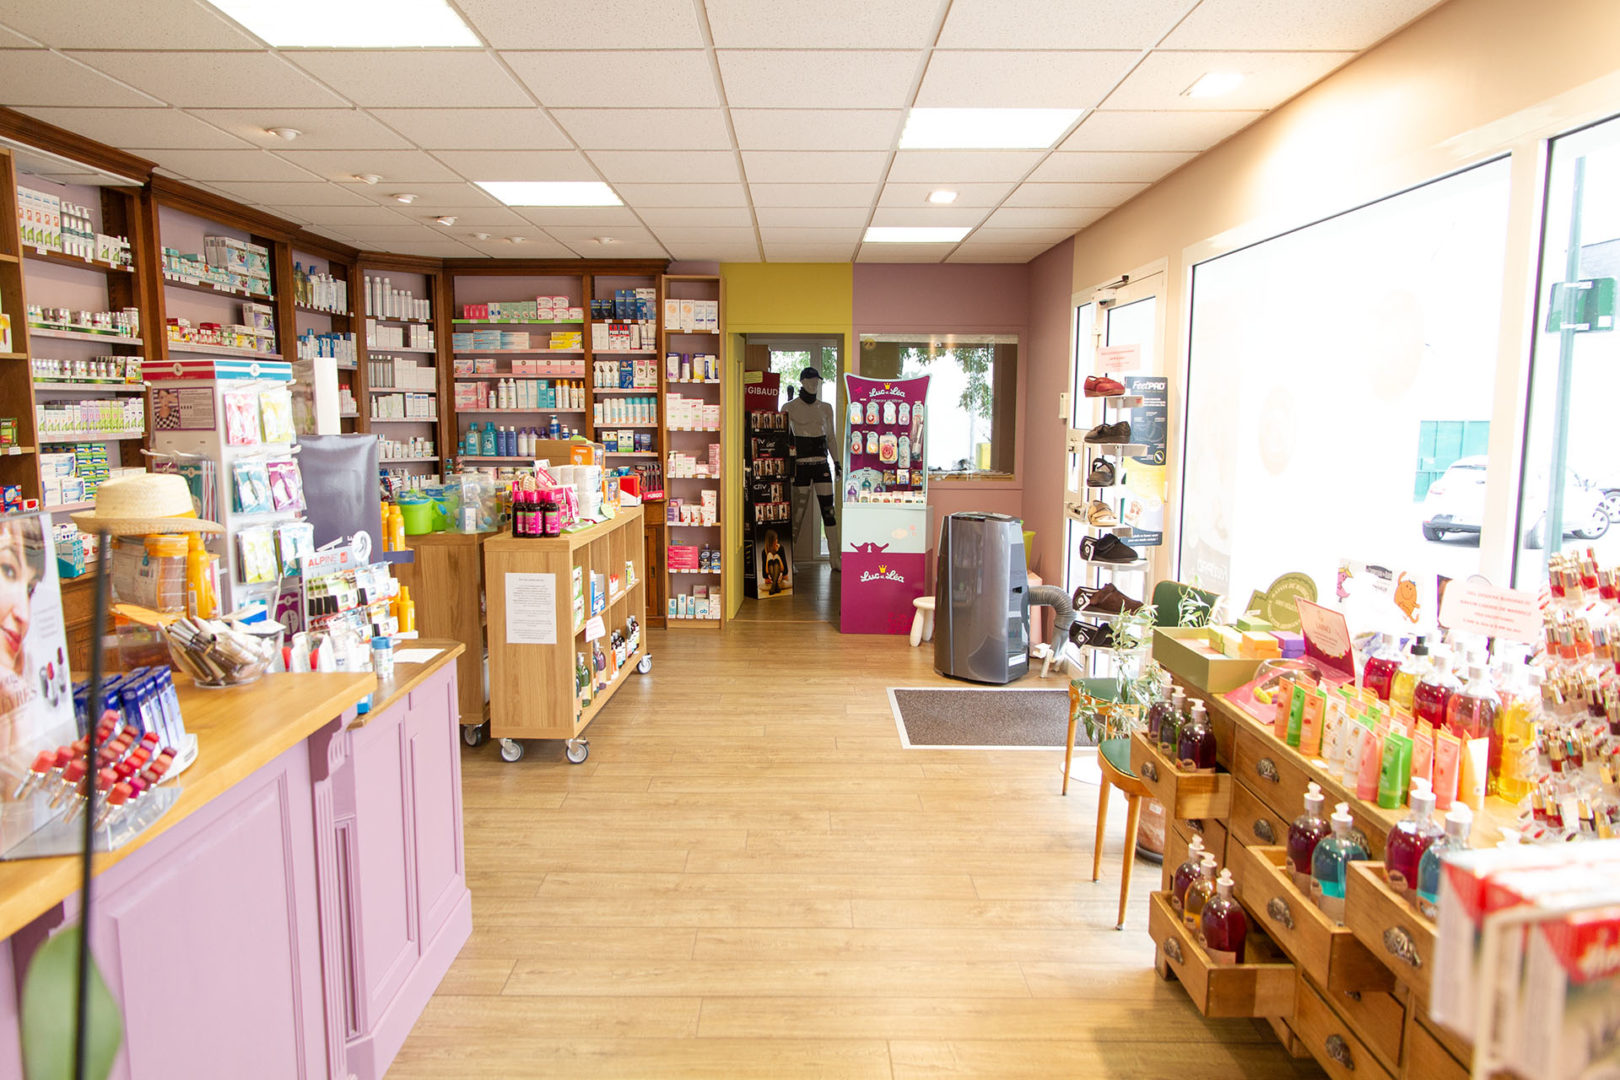 Rénovation d'une pharmacie - La Fabrique Geneviève Naudin